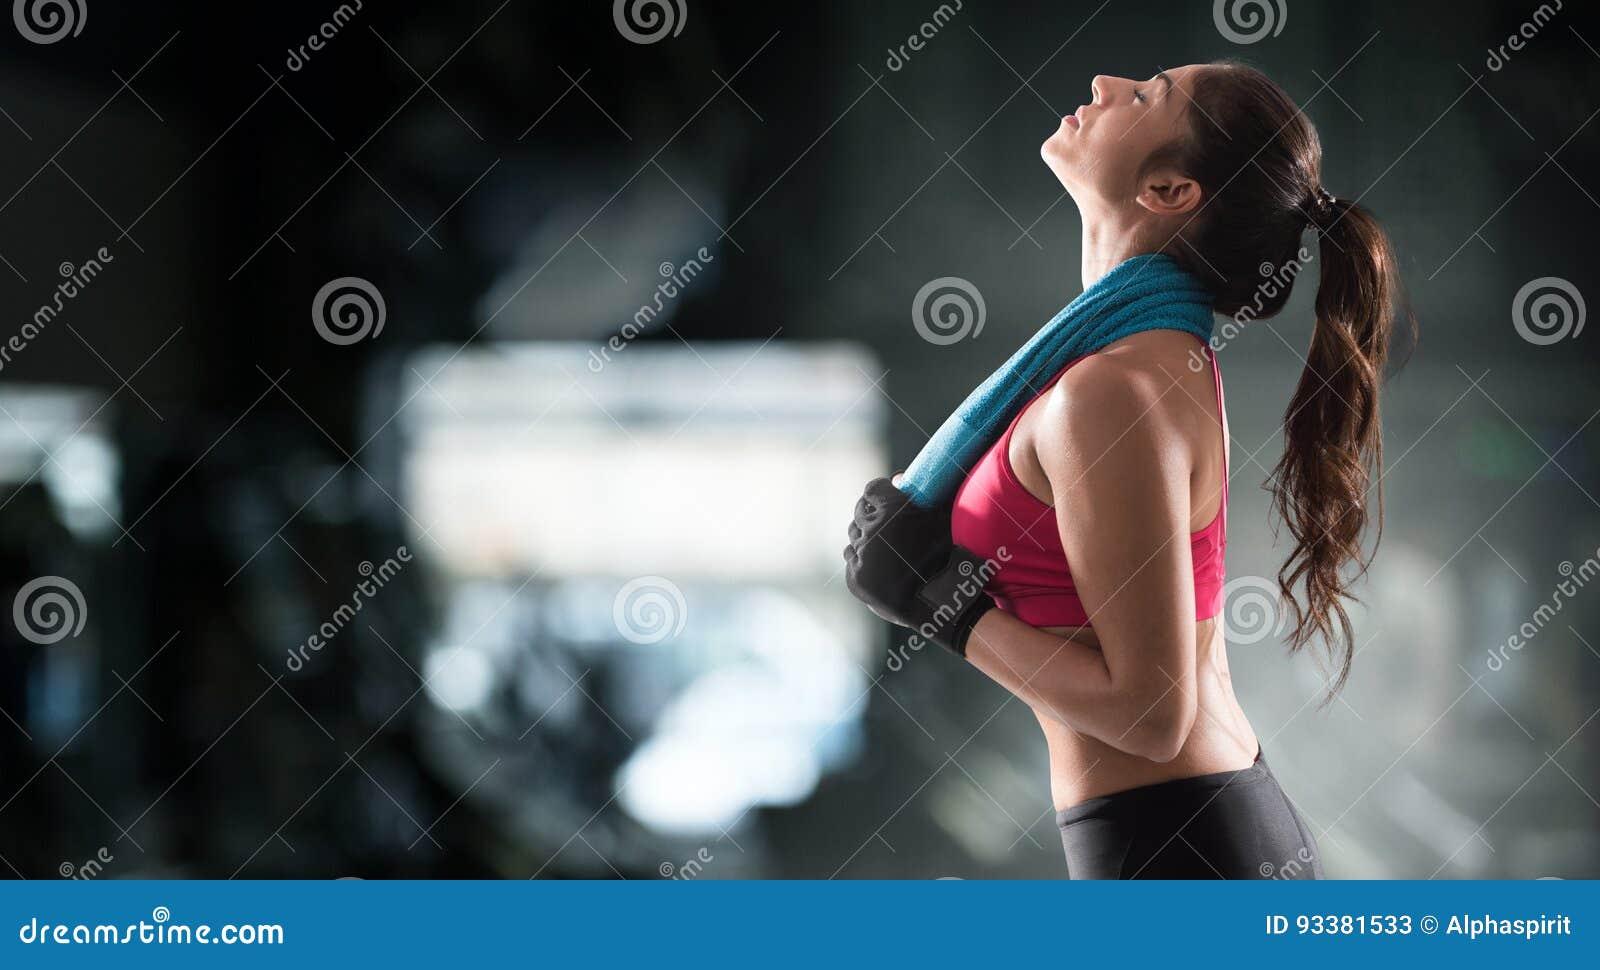 Femme après séance d entraînement de gymnase